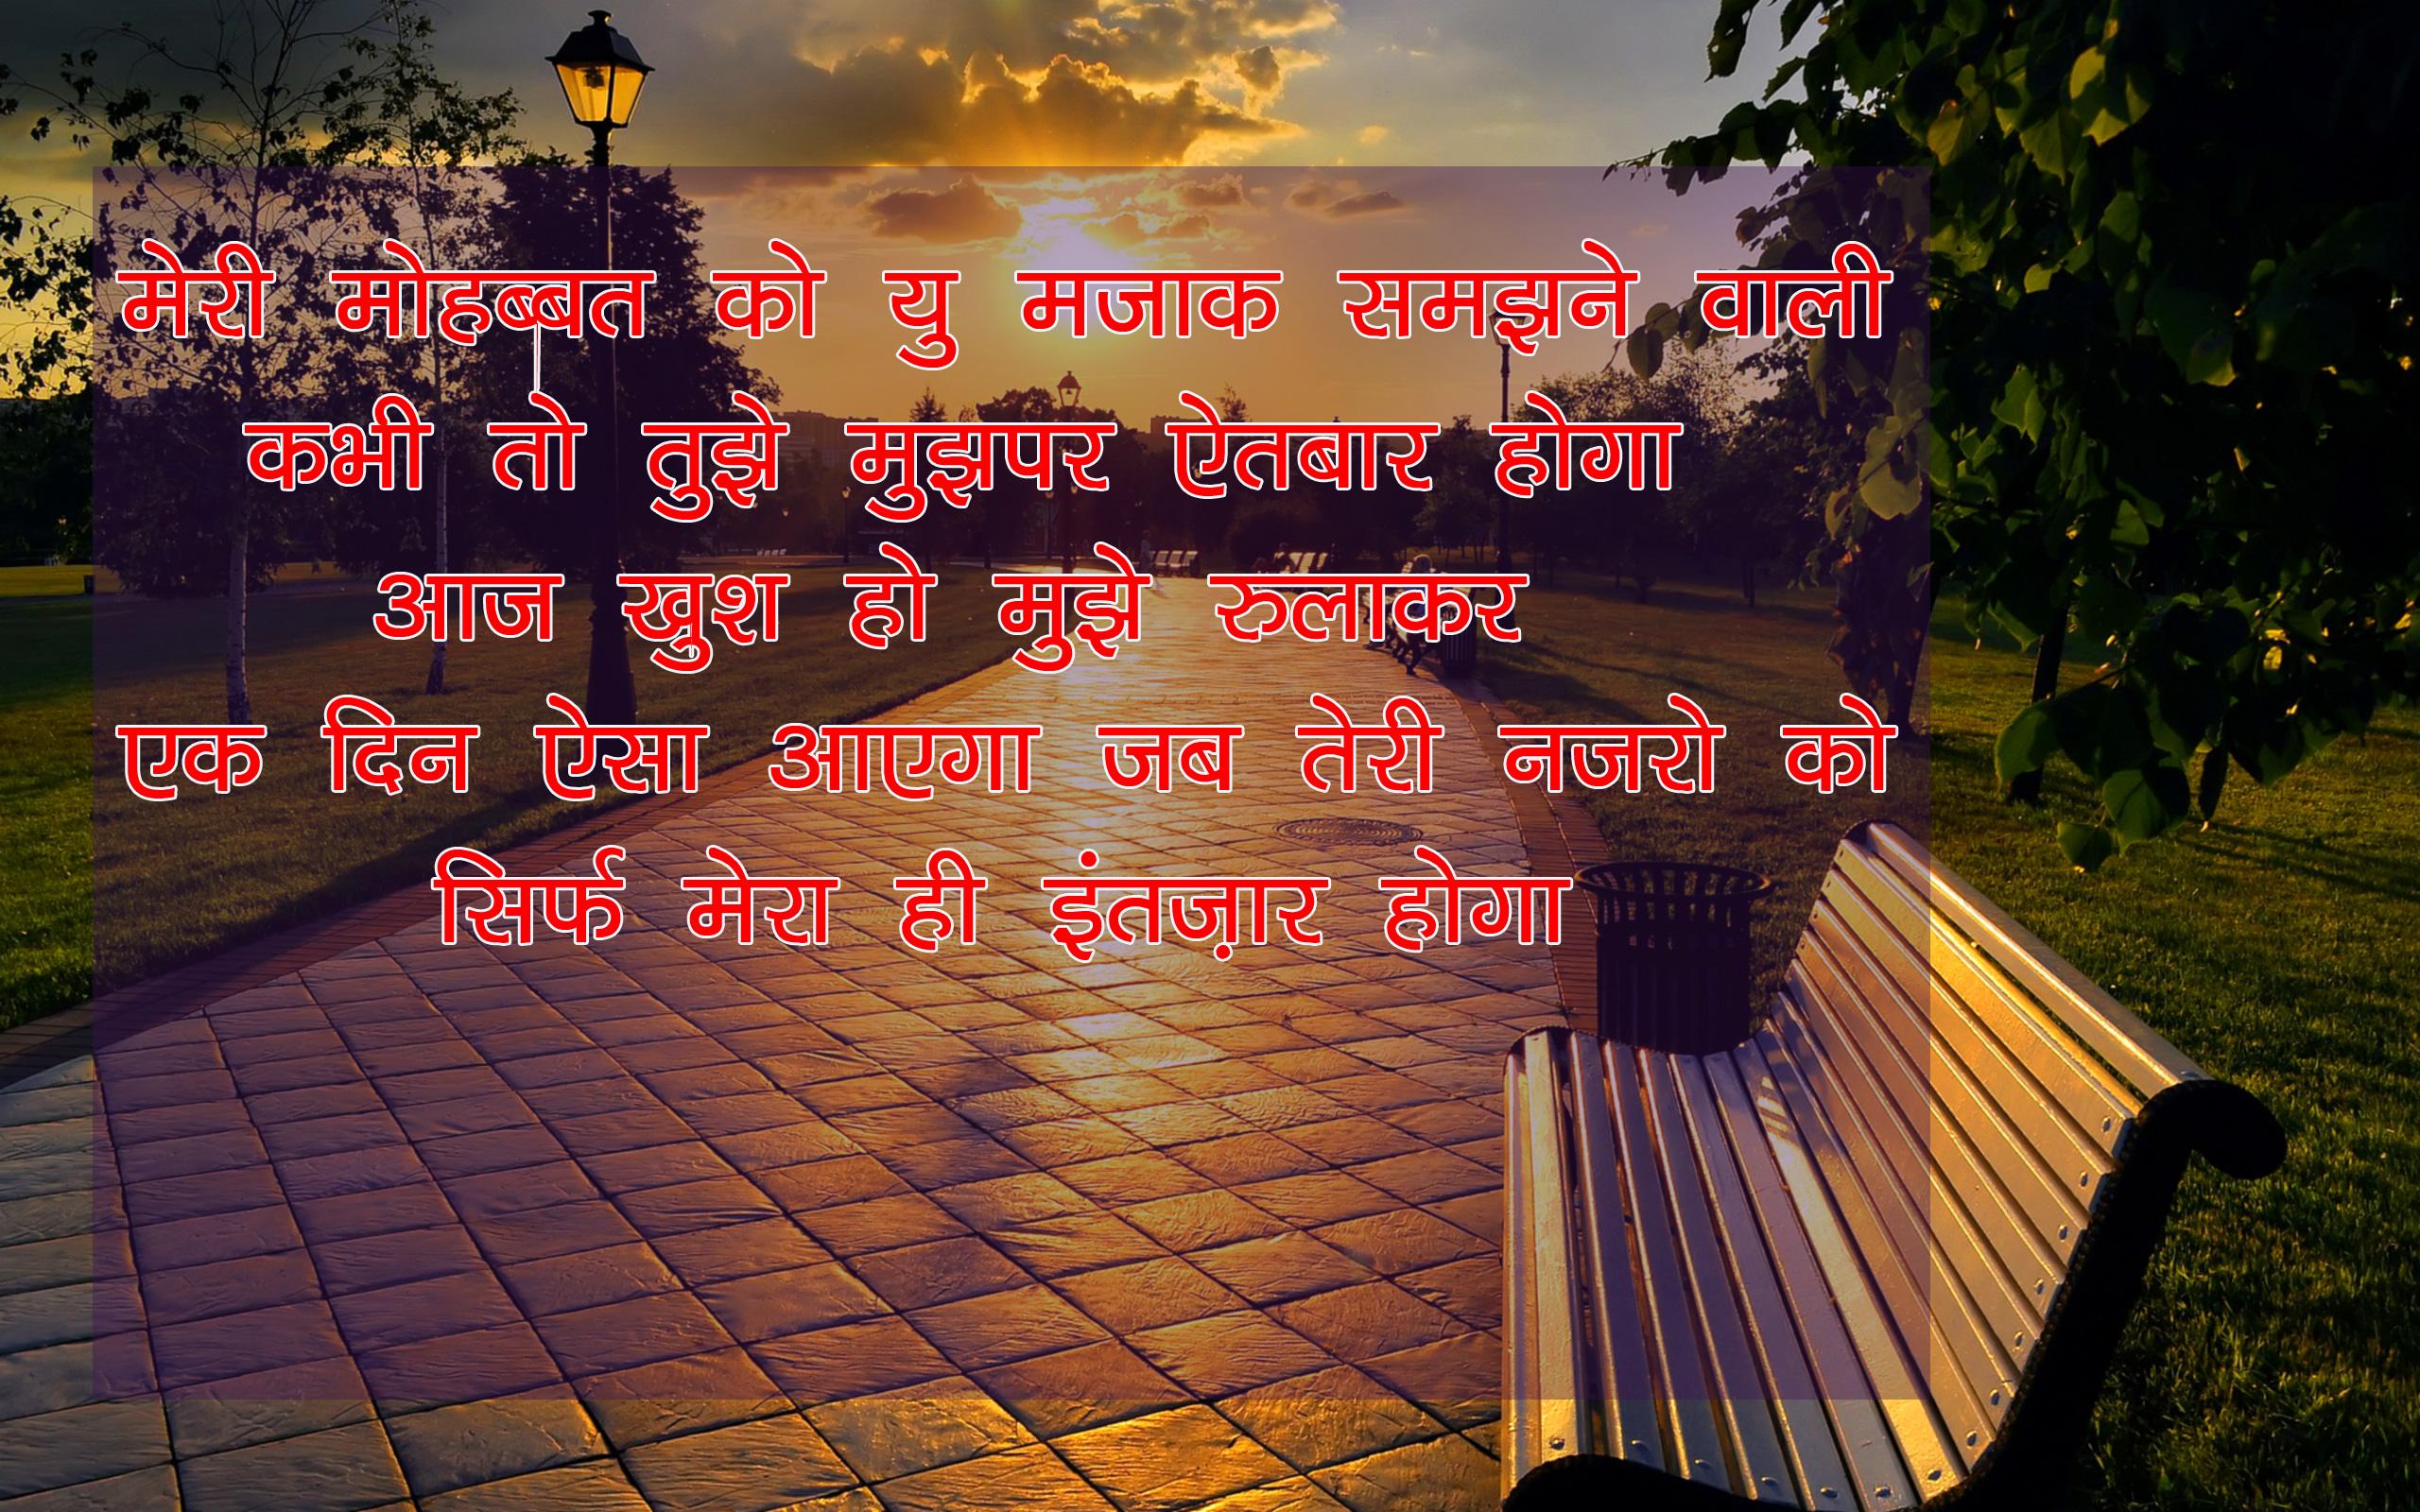 Hindi love Shayari Images Free Download 6